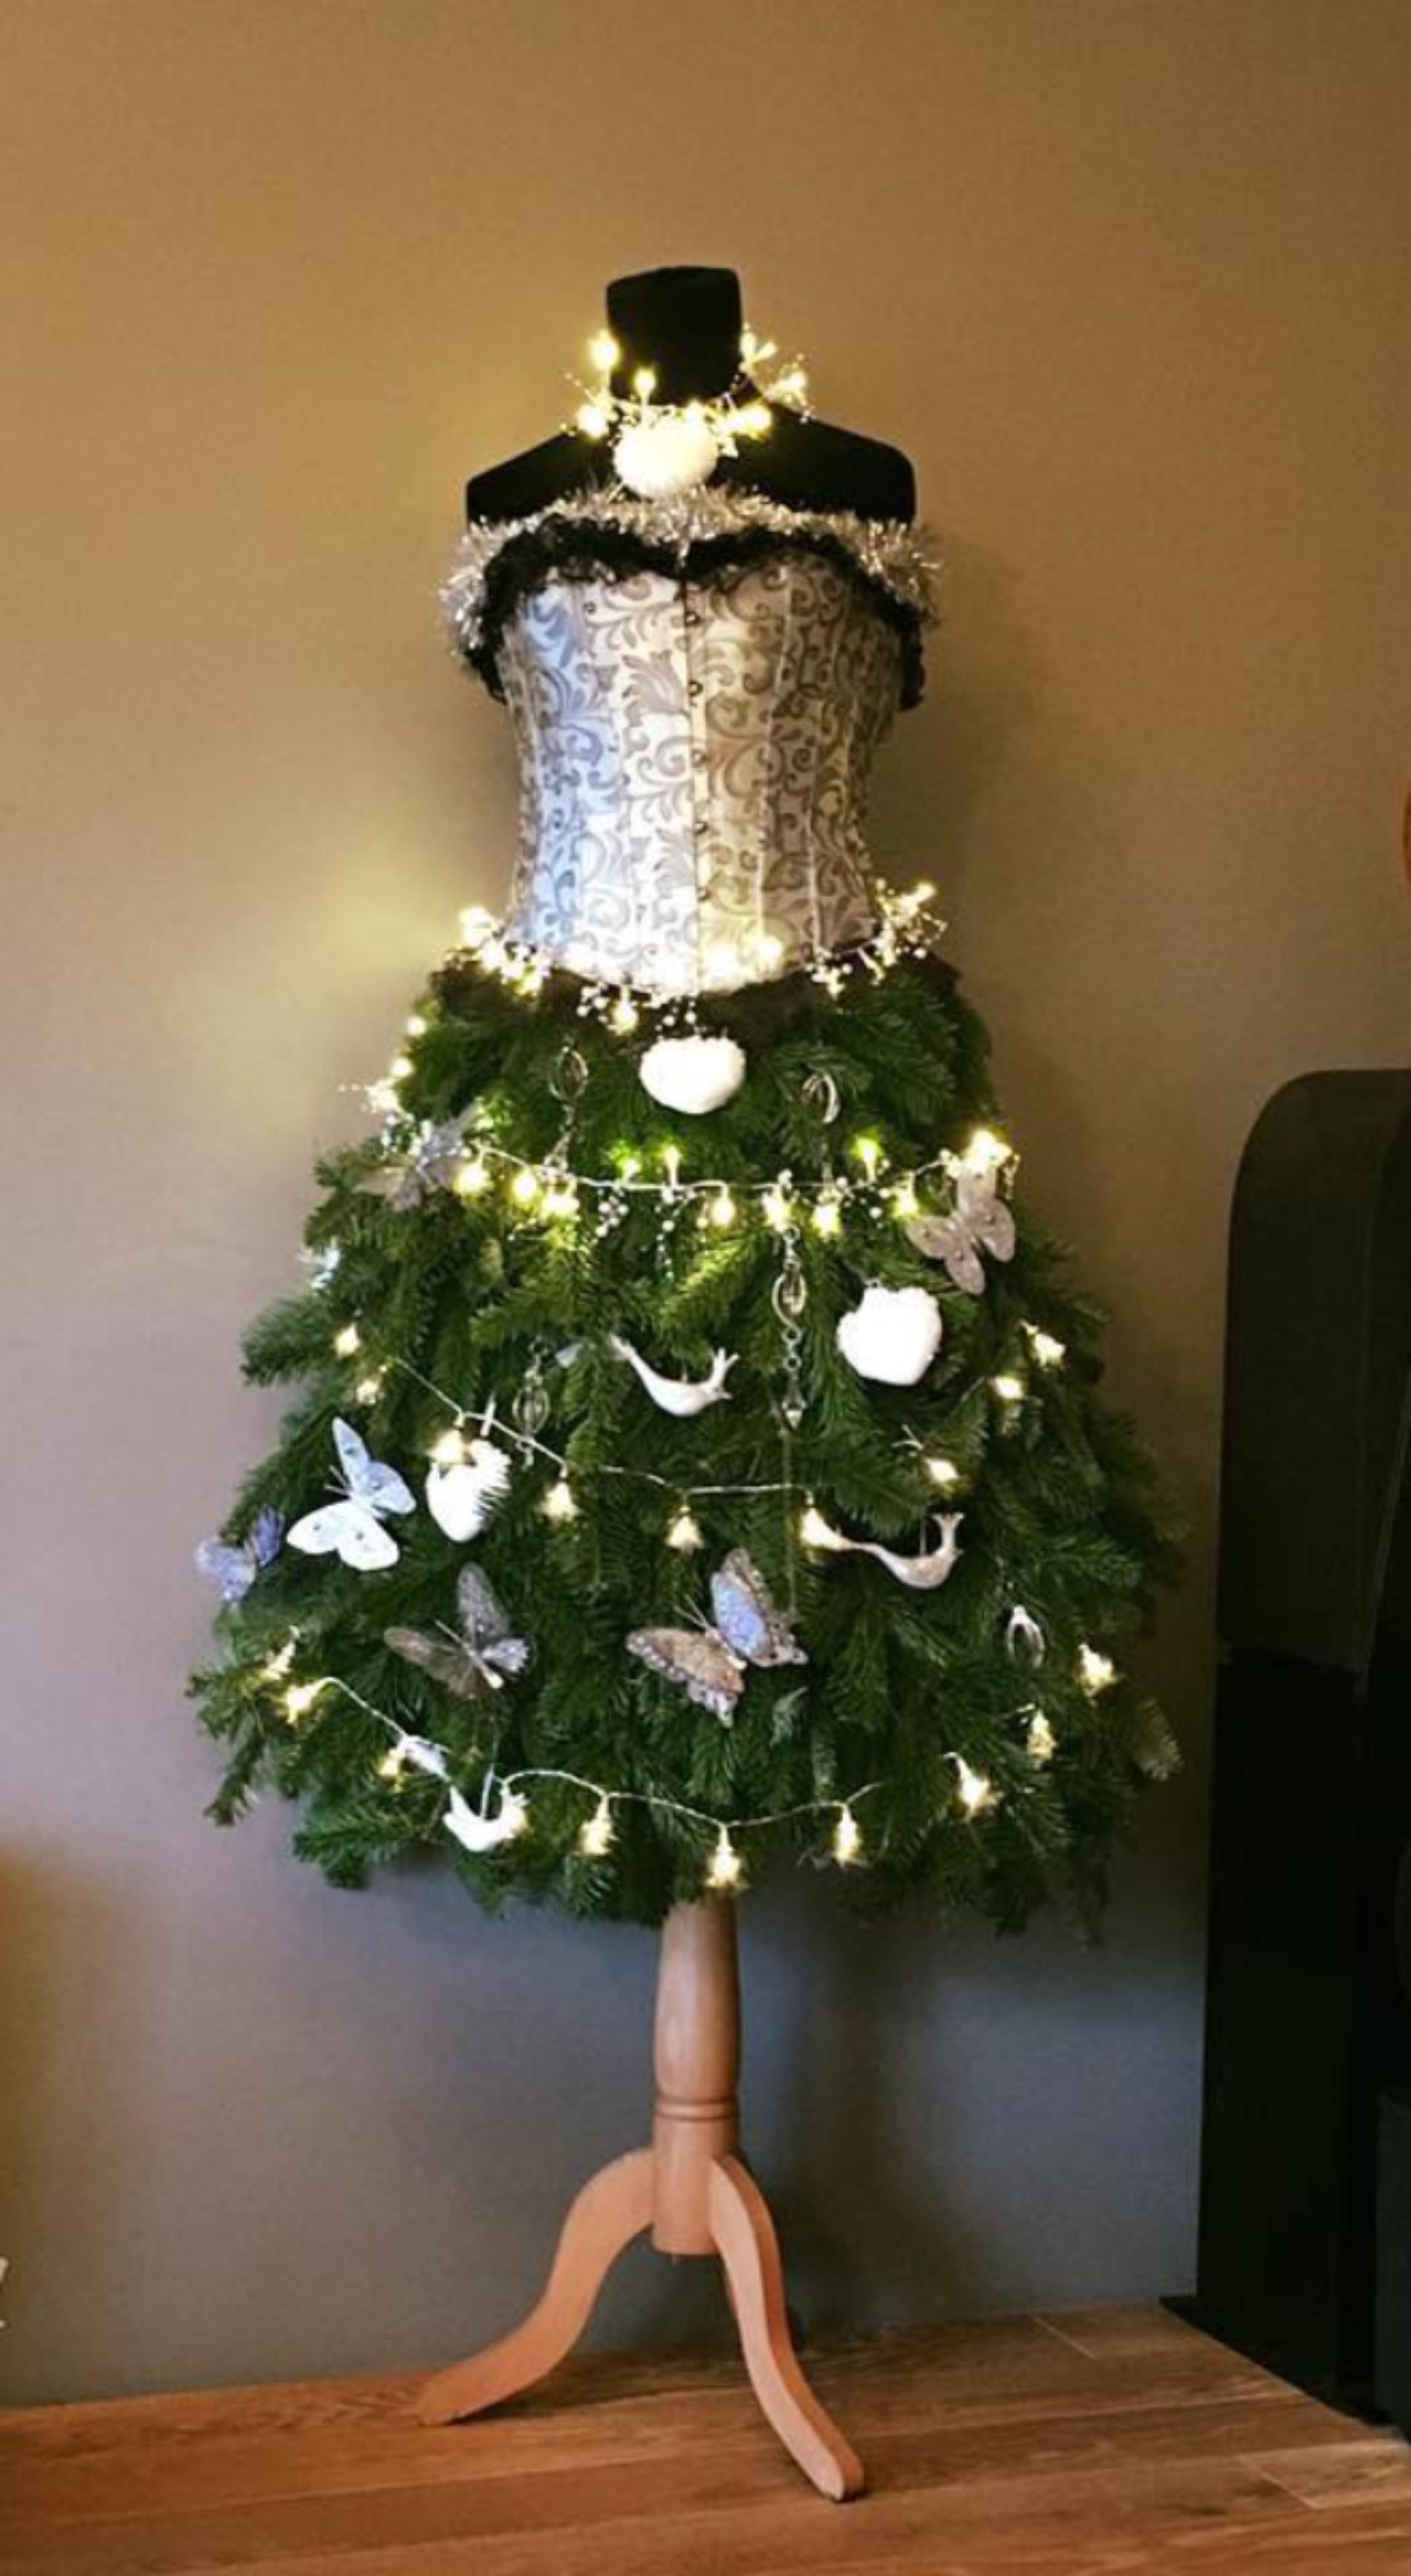 Nieuw De kerstboomtrend van dit jaar... is een paspop | Vrouw | Telegraaf.nl FQ-11